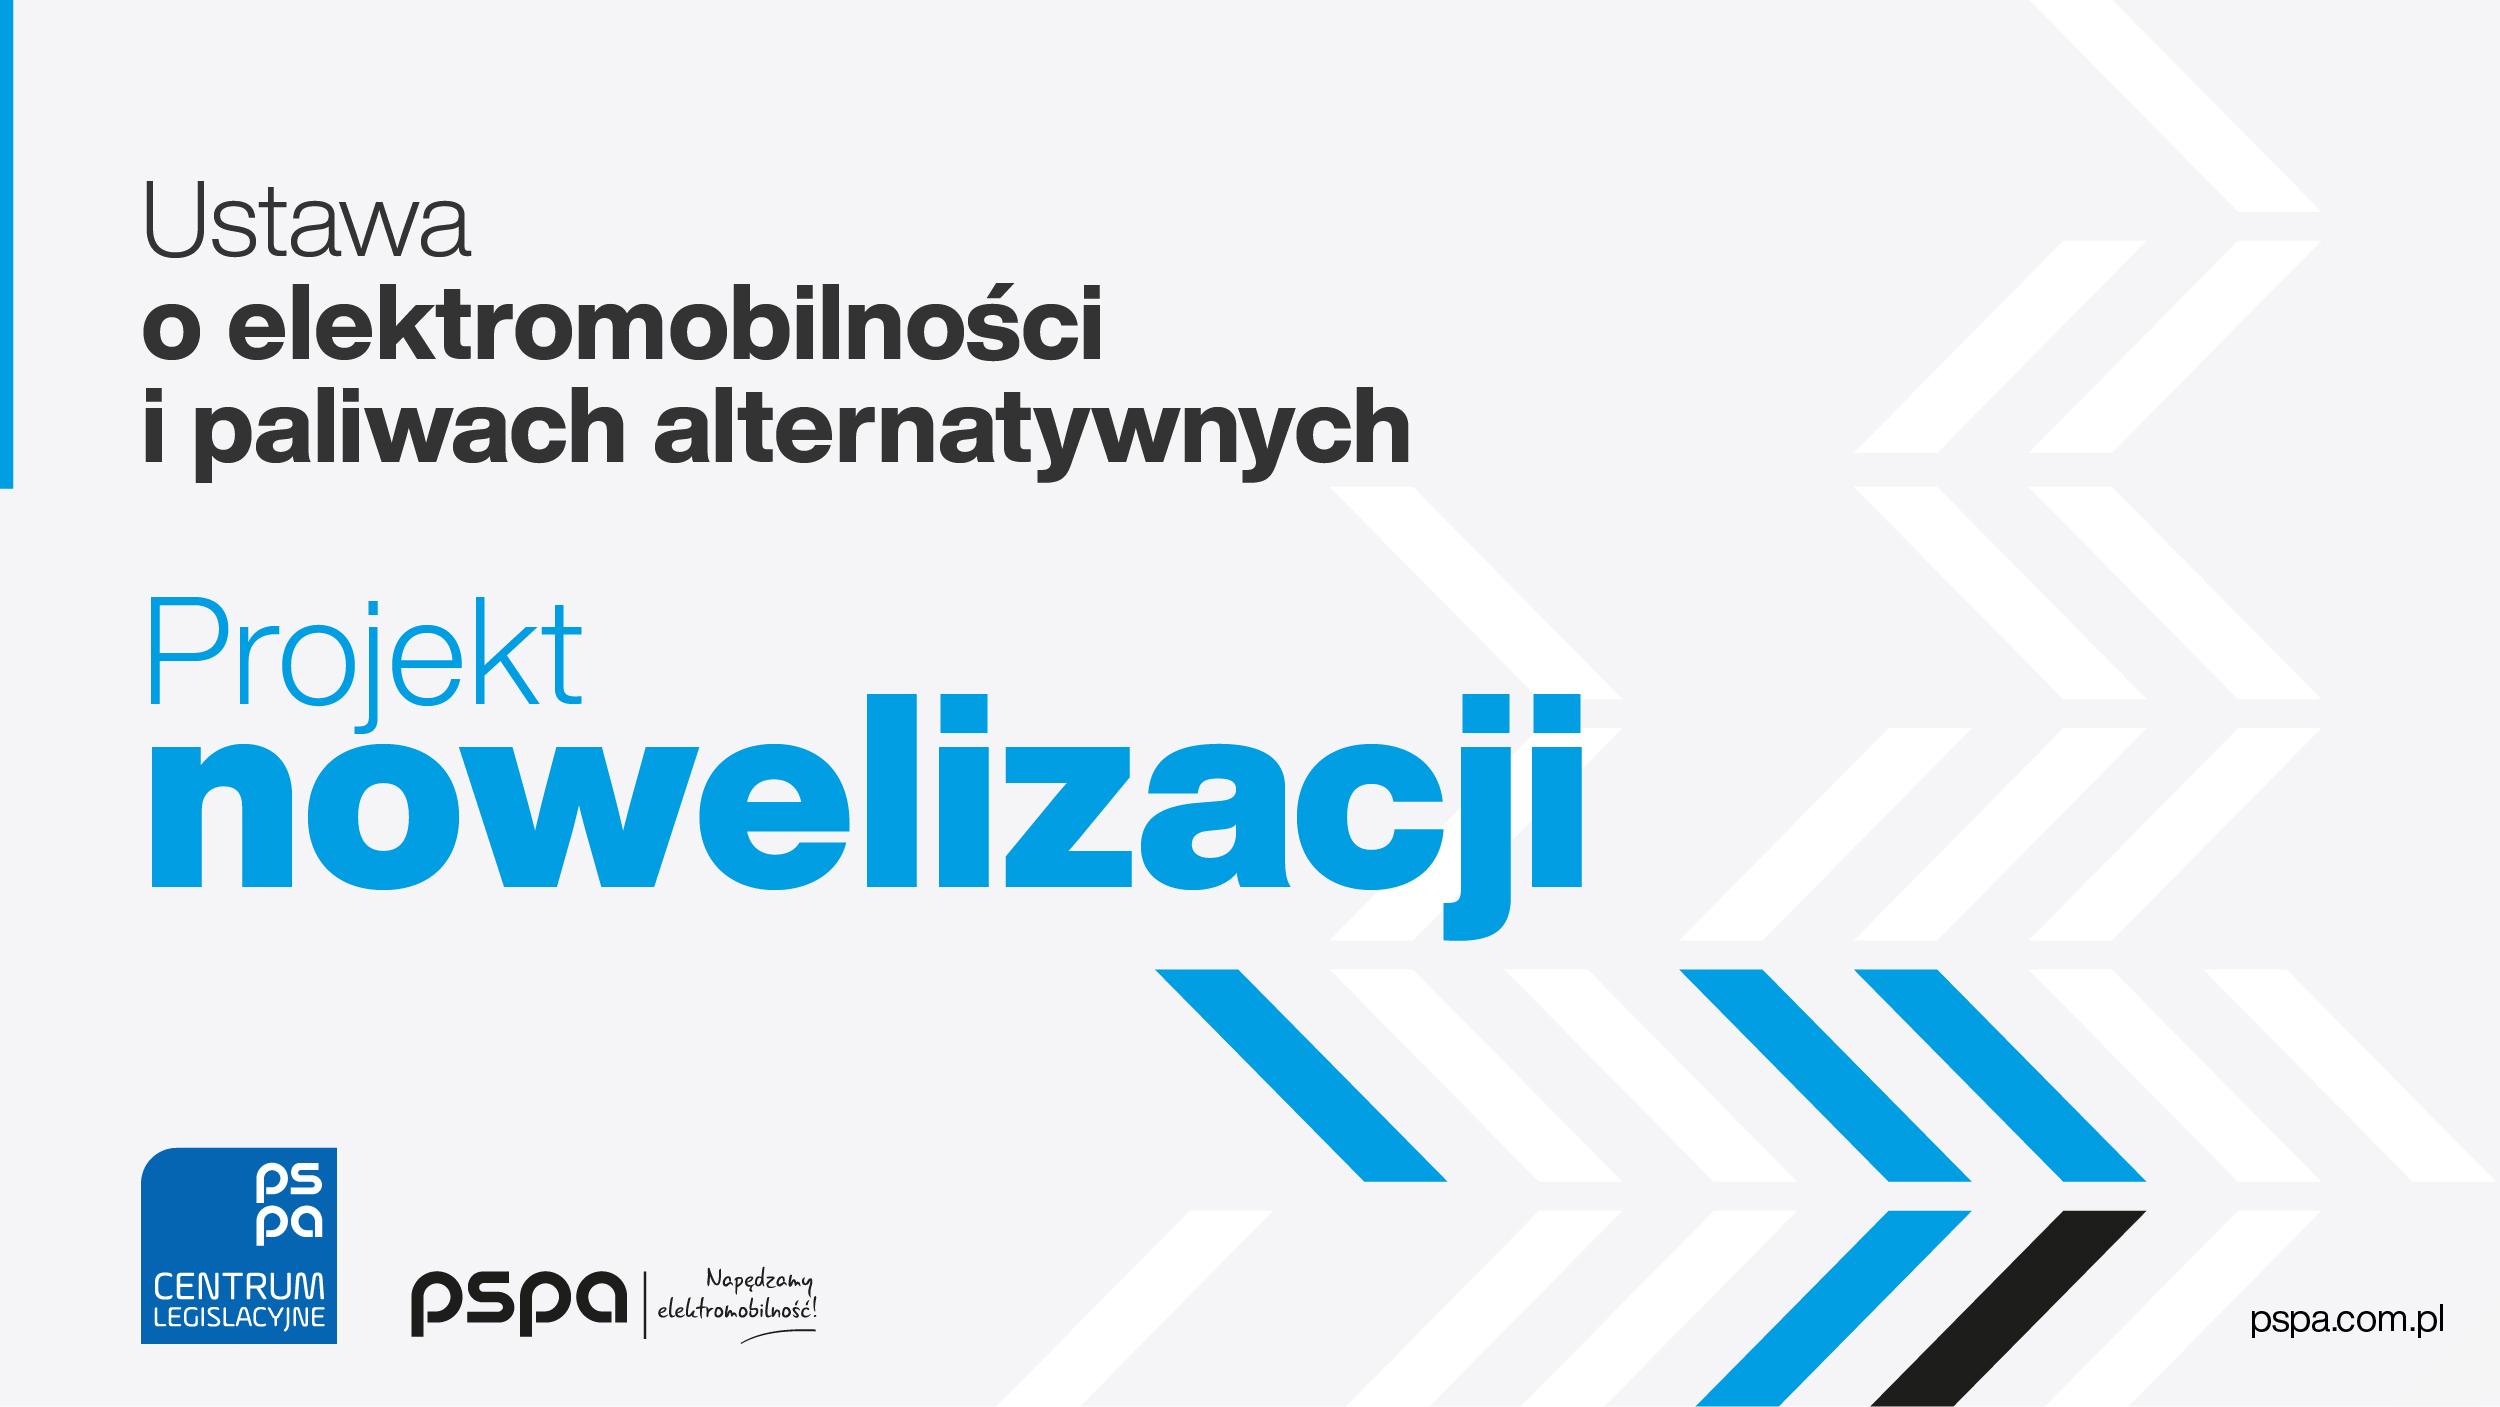 ustawa_o_elektromobilnosci_paliwach_alternatywnych_nowelizacja_grafika_1200x675px